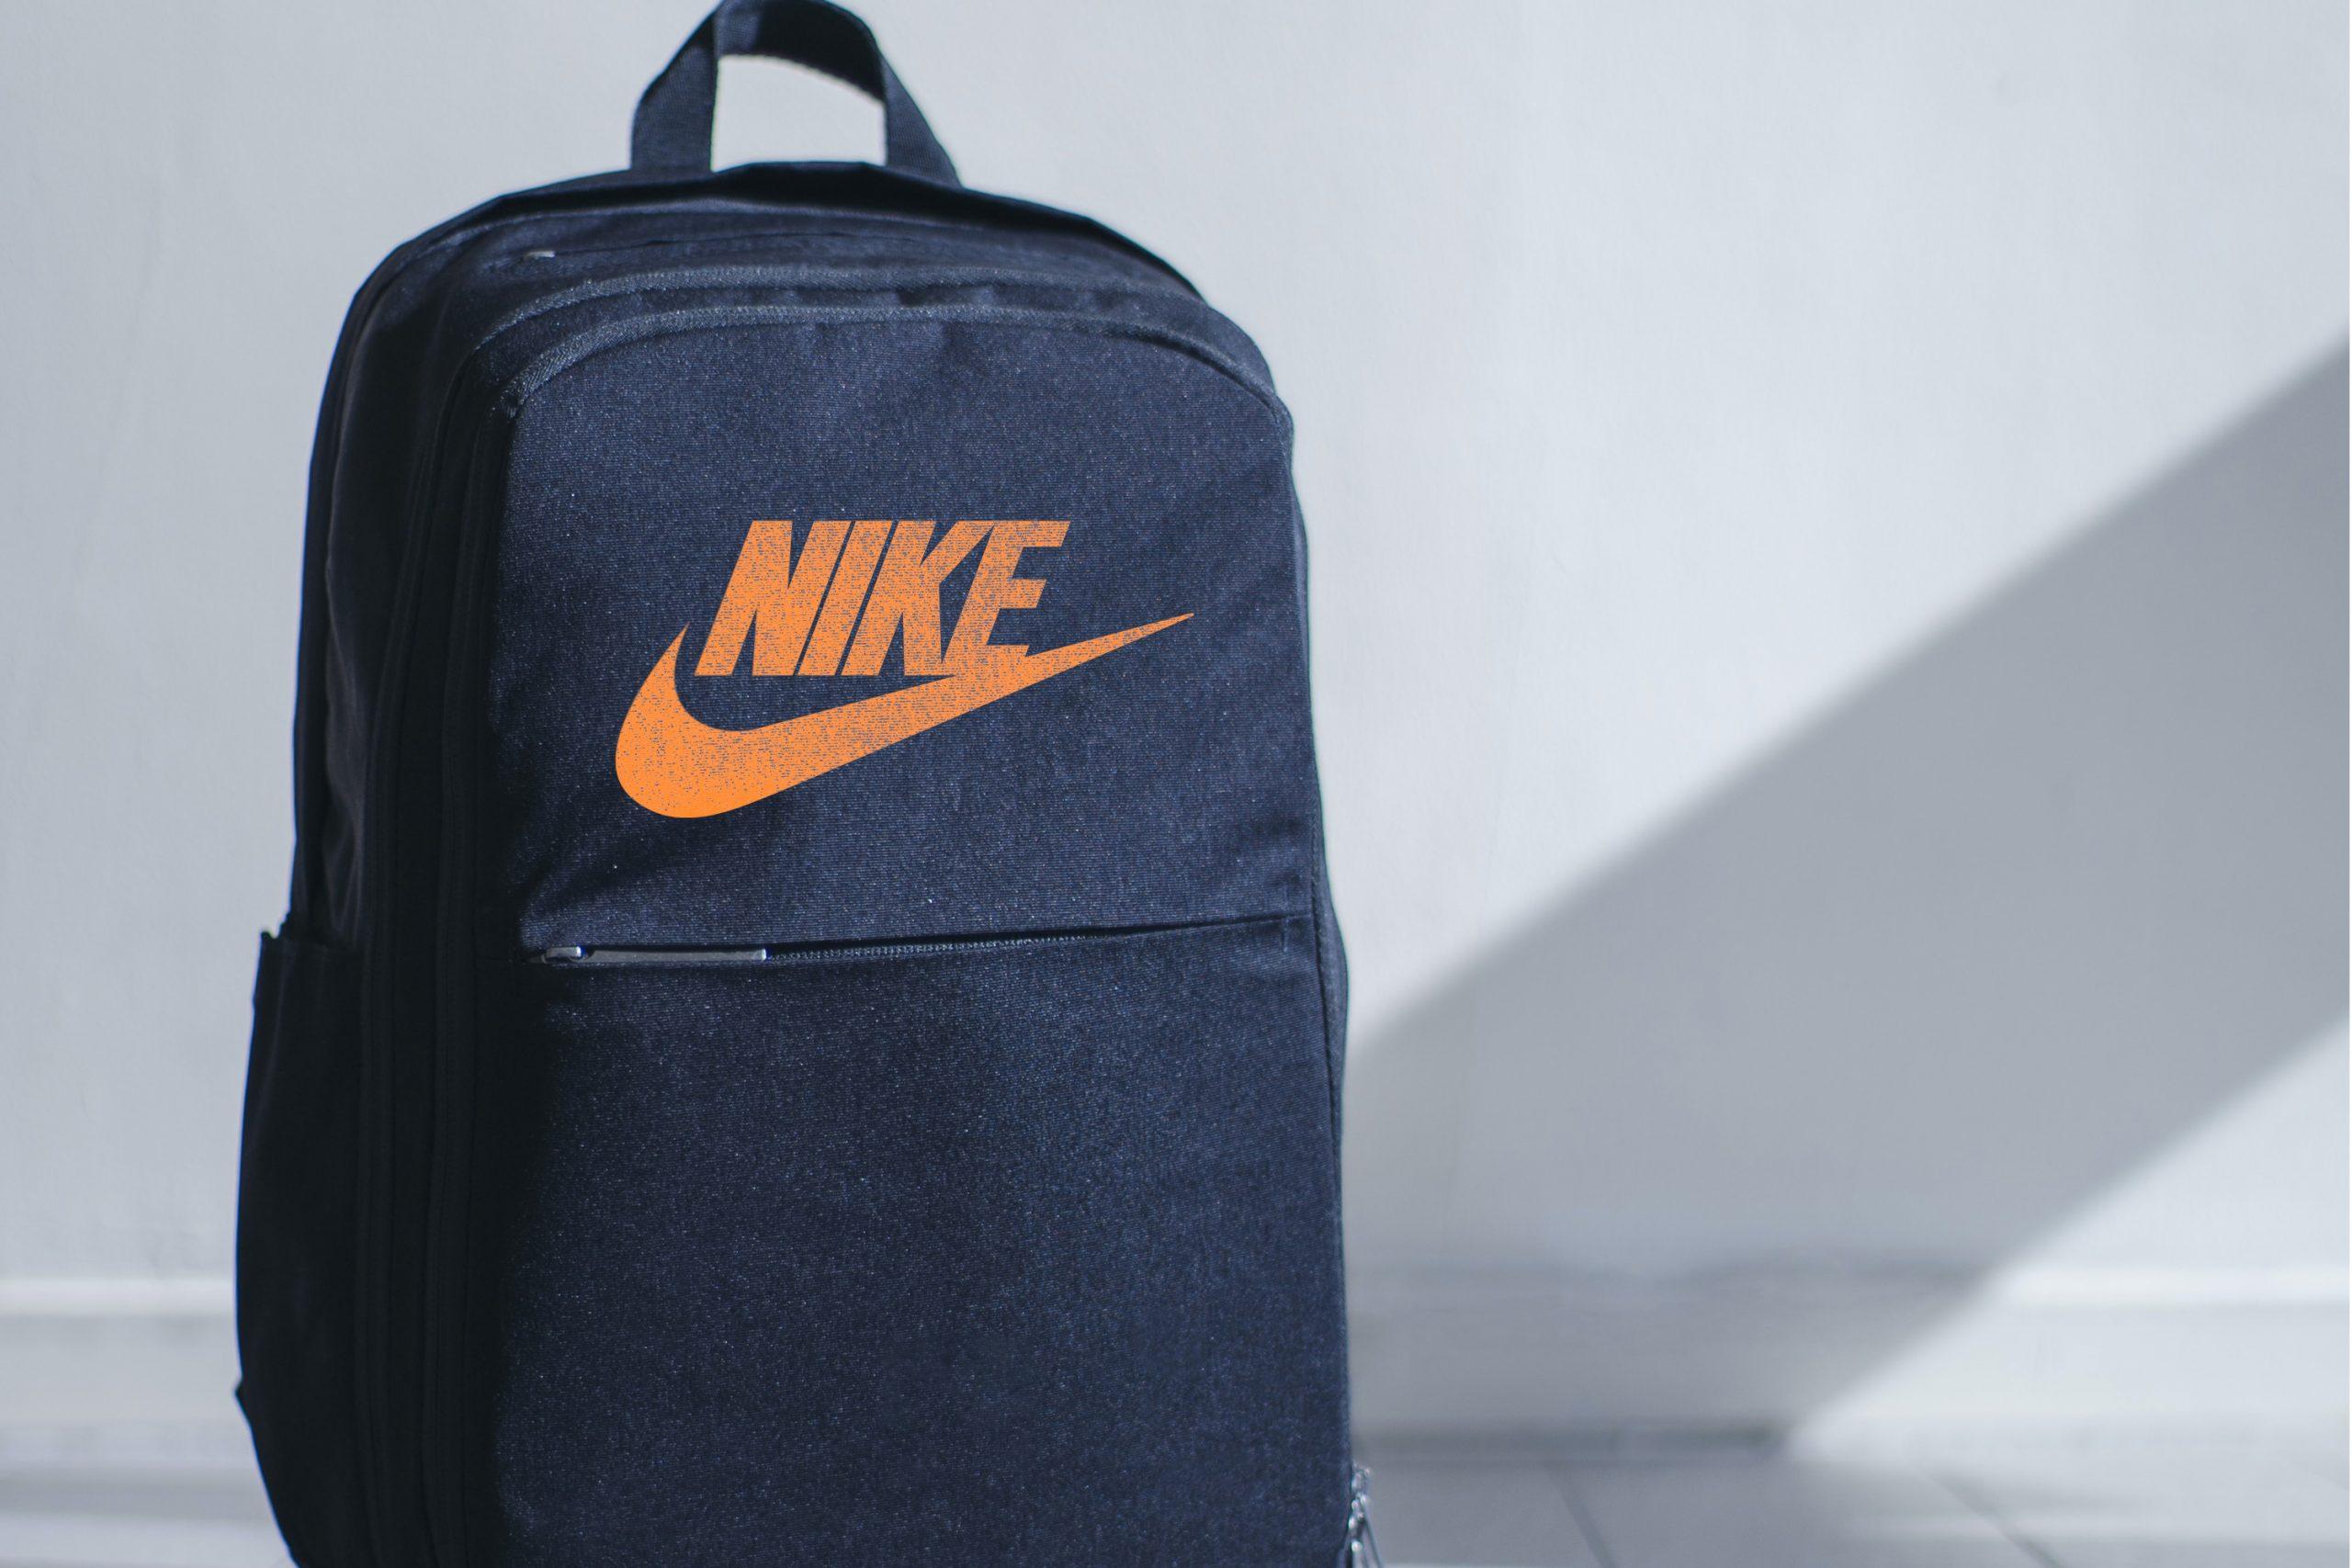 Free PSD Demanded Jeans Bag Mockup